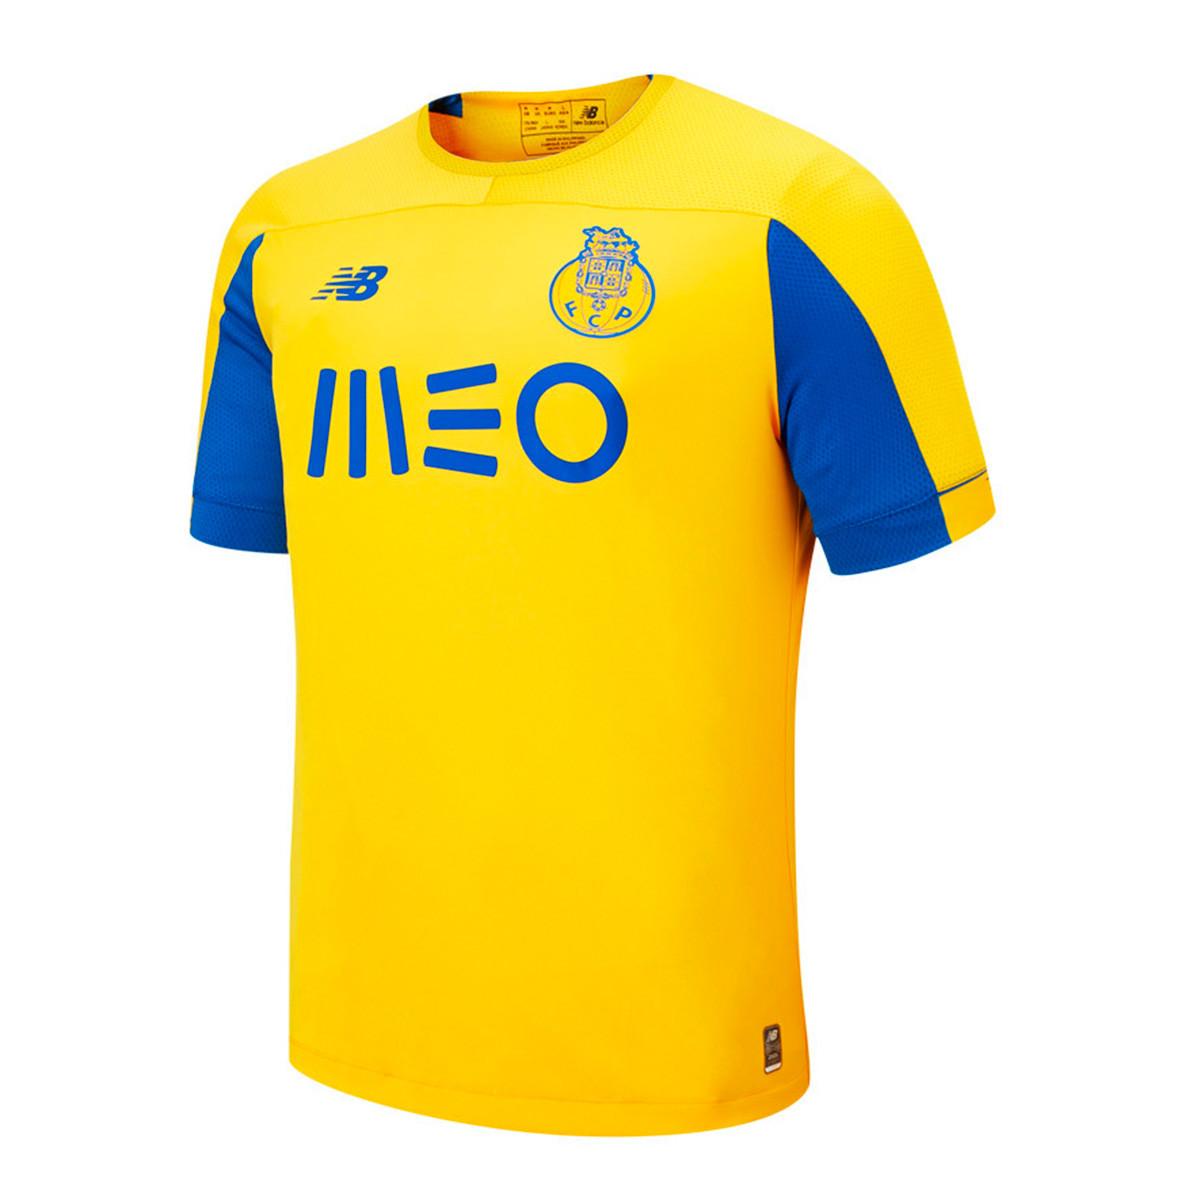 ae5ffaa64eaf9 Jersey New Balance FC Porto Segunda Equipación SS 2019-2020 Yellow ...